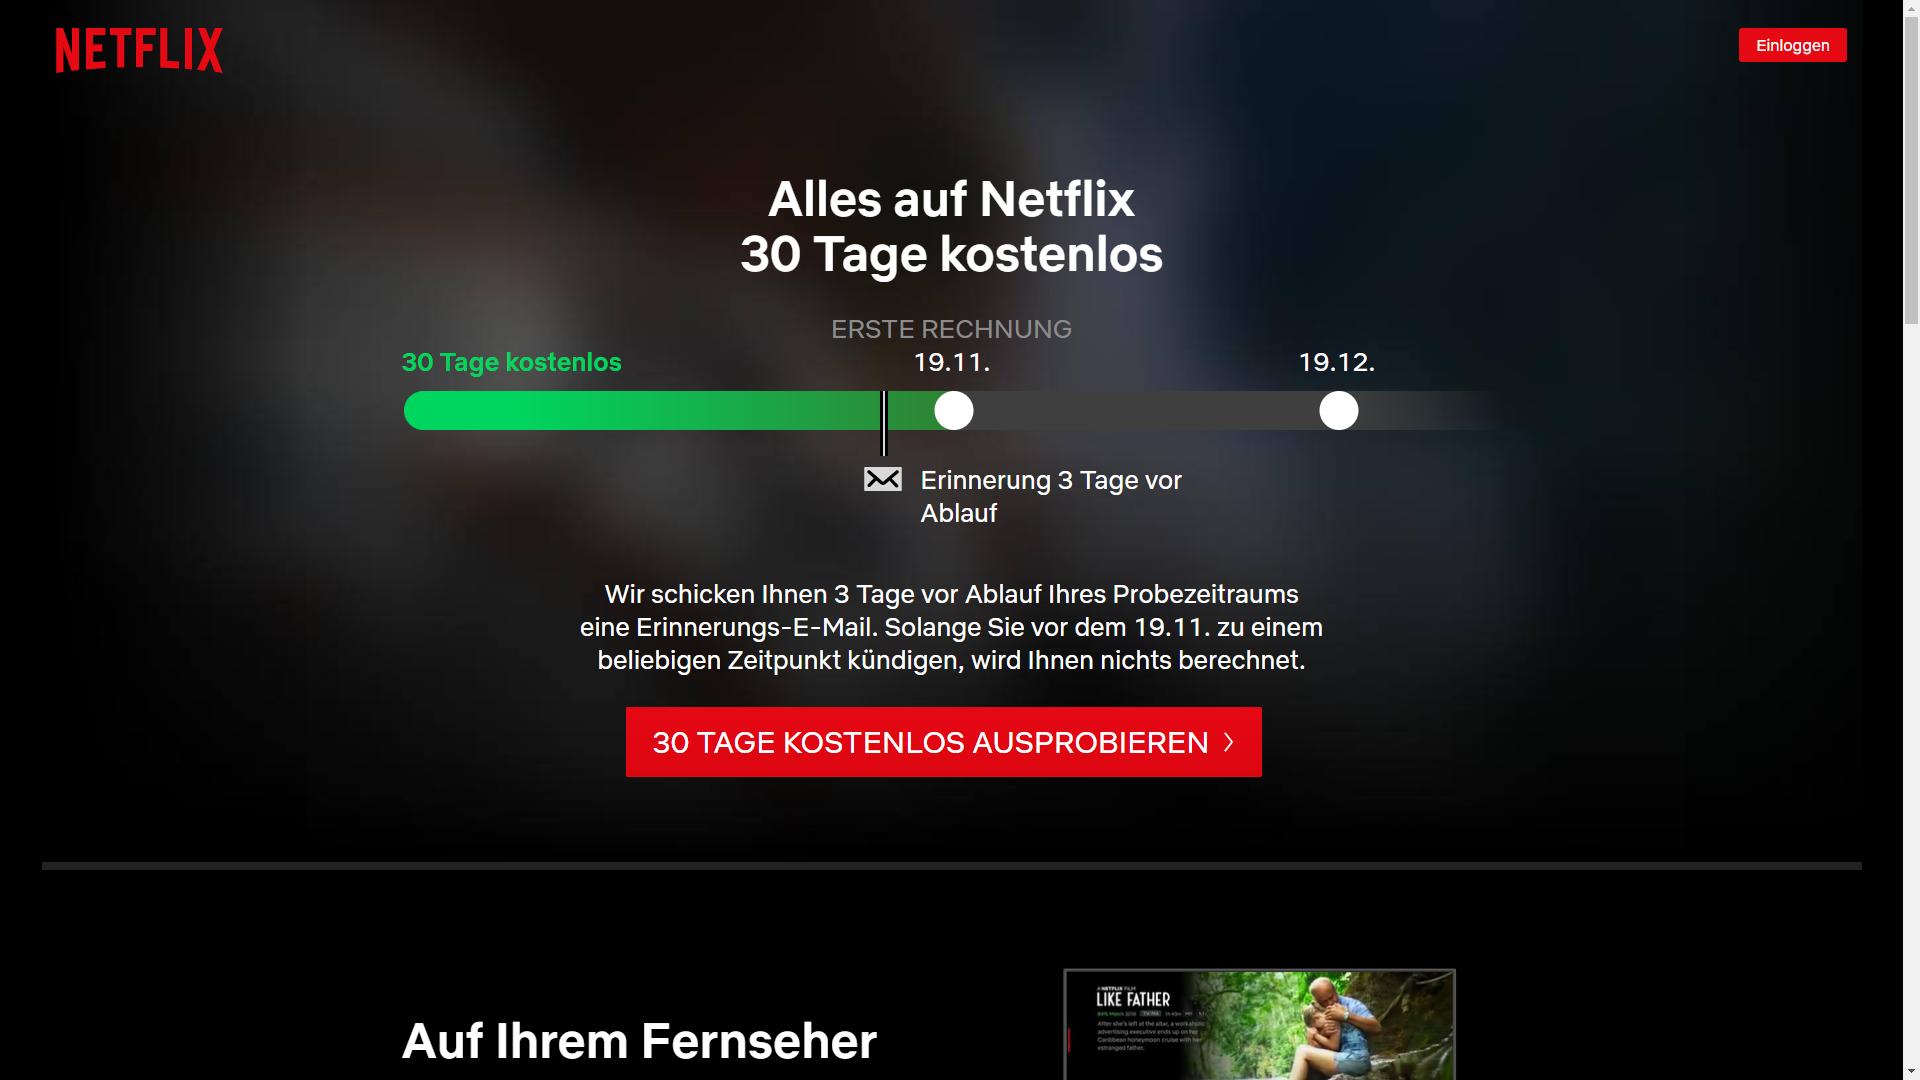 Das Angebot vom Streaming Portal Netflix lässt sich einen Monat lang kostenlos ausprobieren.